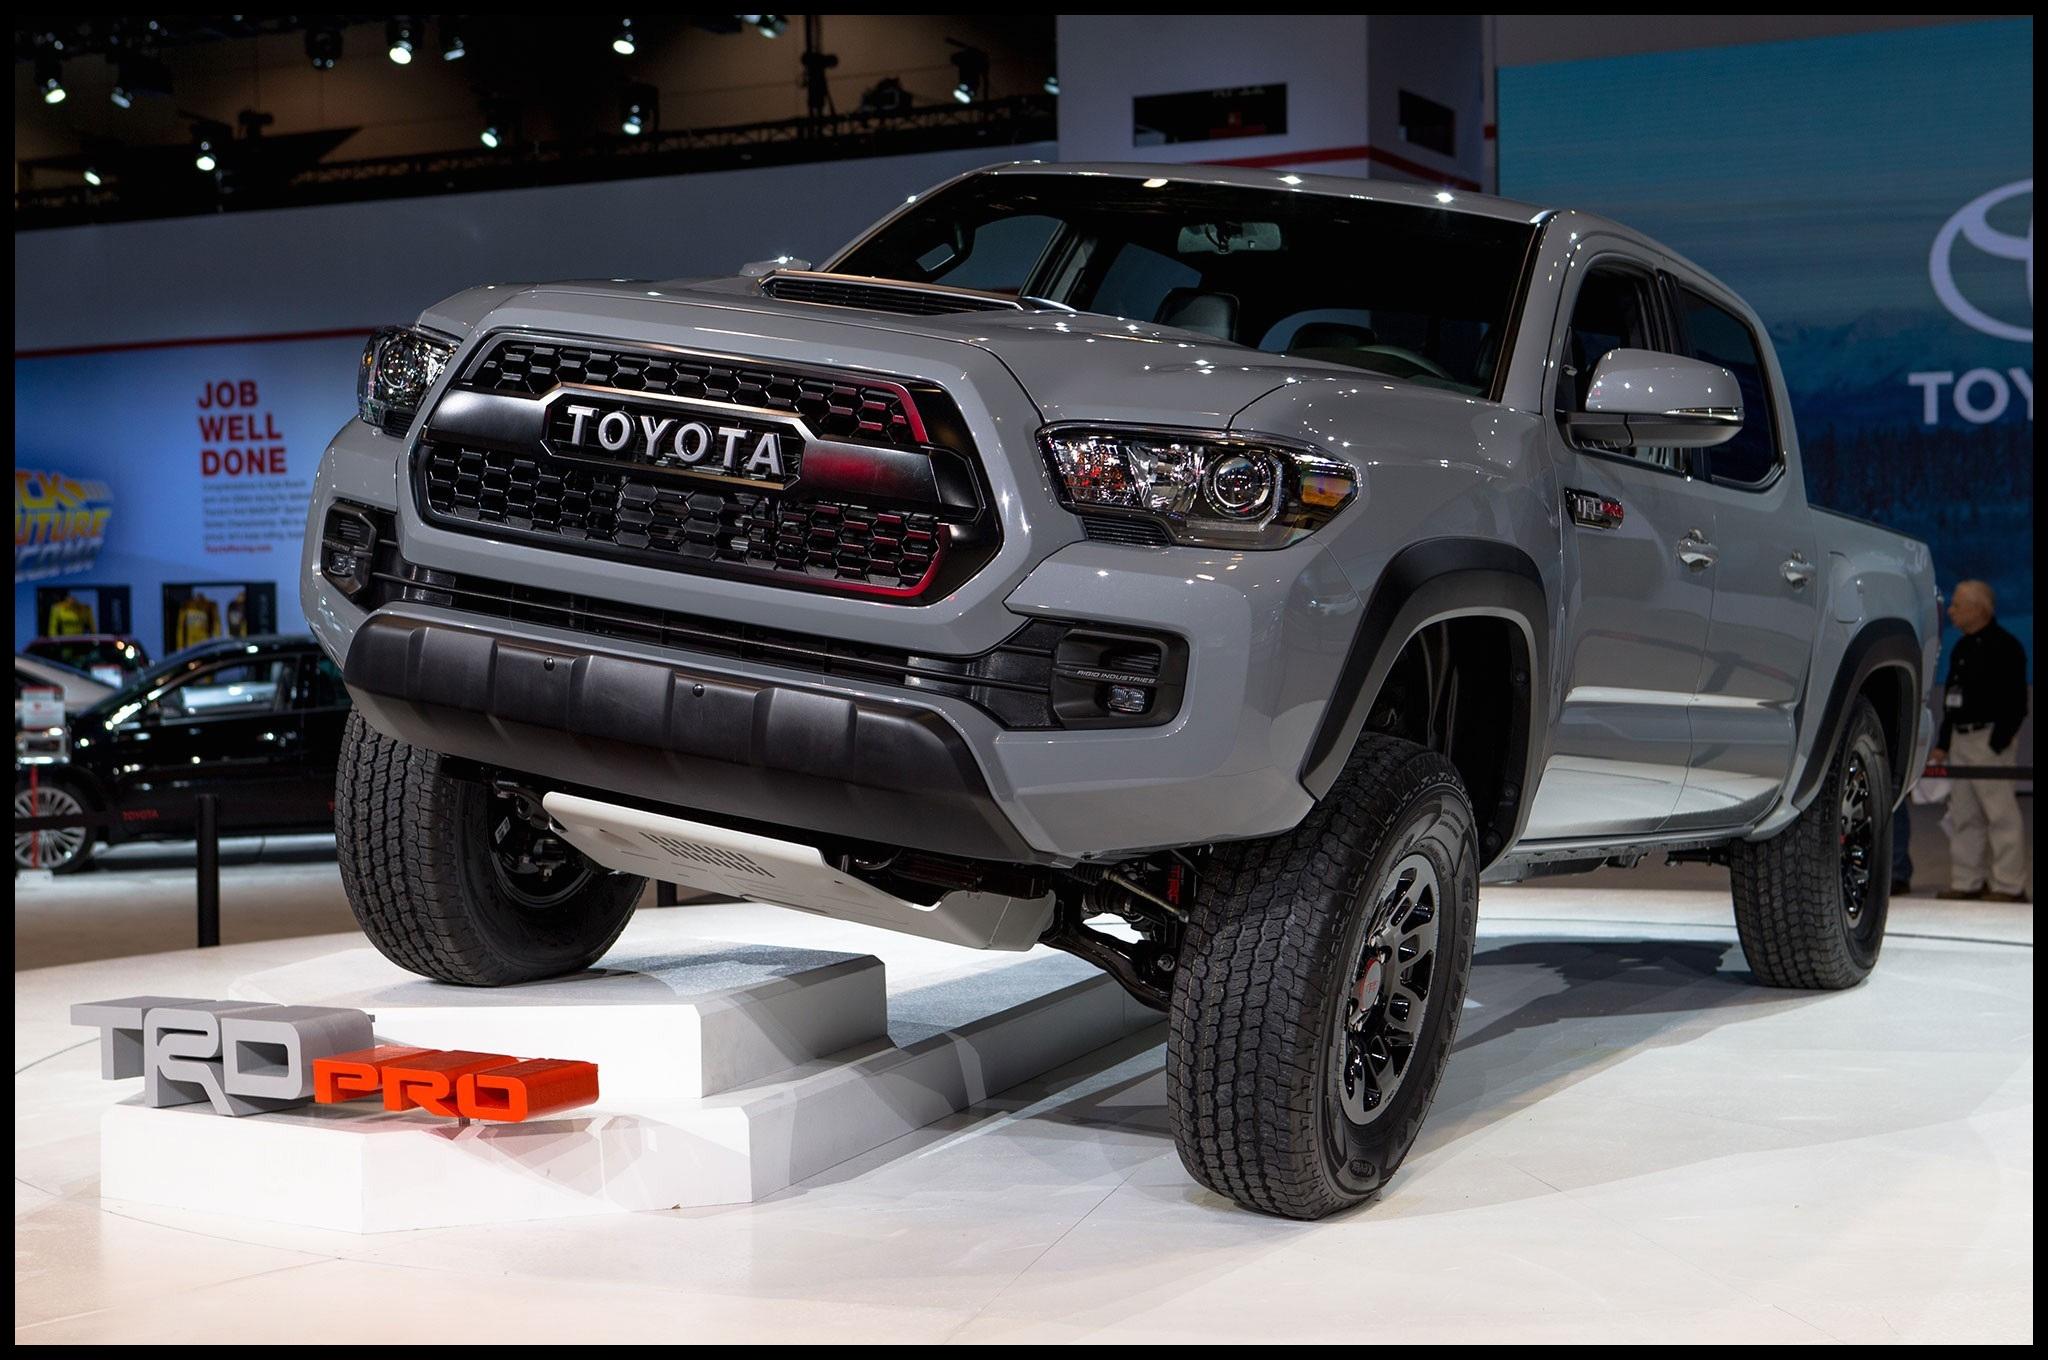 toyota Ta A Luxury toyota Ta A Trucks New toyota Hilux 3 0d 4d New Review